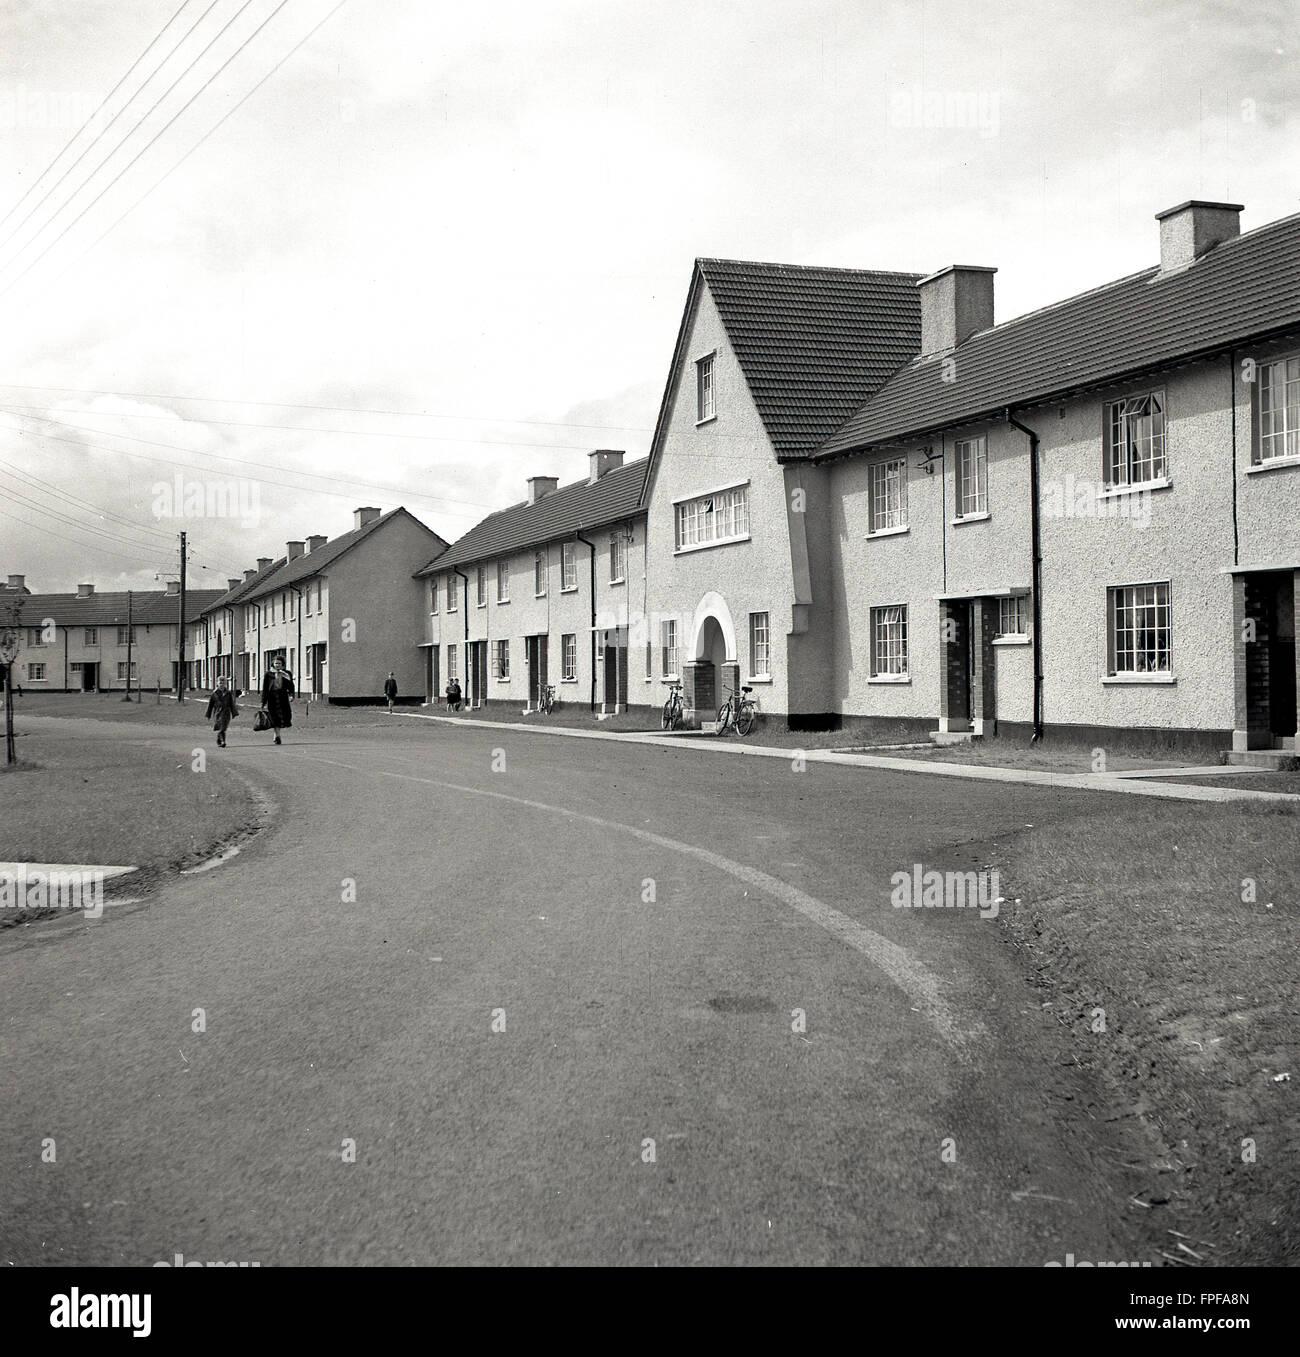 1950er Jahre historische, neue Wohnanlage am Clane, County Kildare, Irland. Stockbild